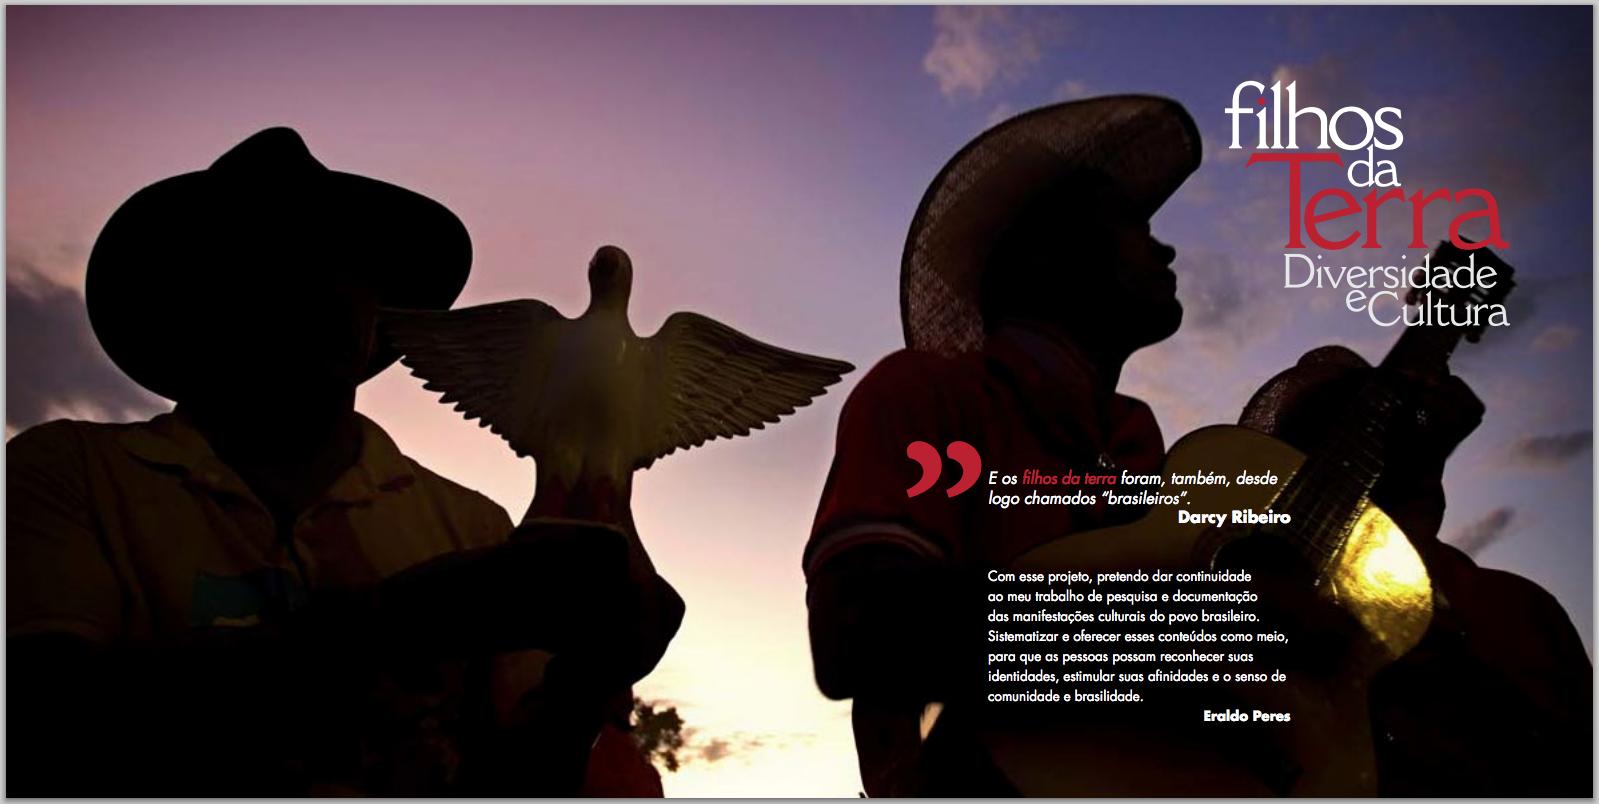 Com este projeto, Eraldo Peres dá continuidade ao trabalho de pesquisa e documentação das manifestações culturais do povo brasileiro.